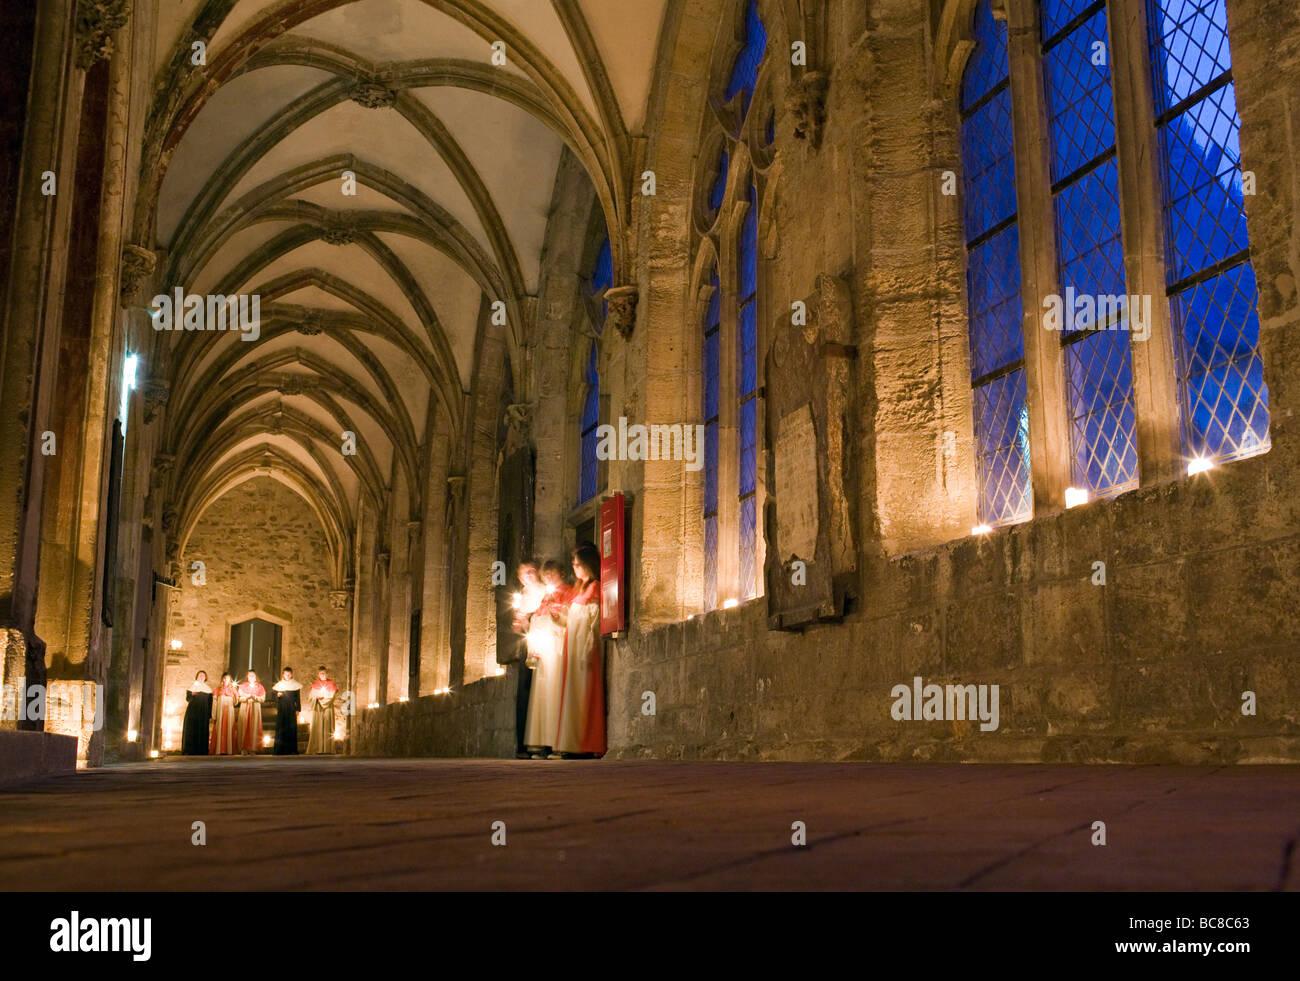 Klassischer Chorgesang im Zisterzienserkloster Walkenried - Stock Image